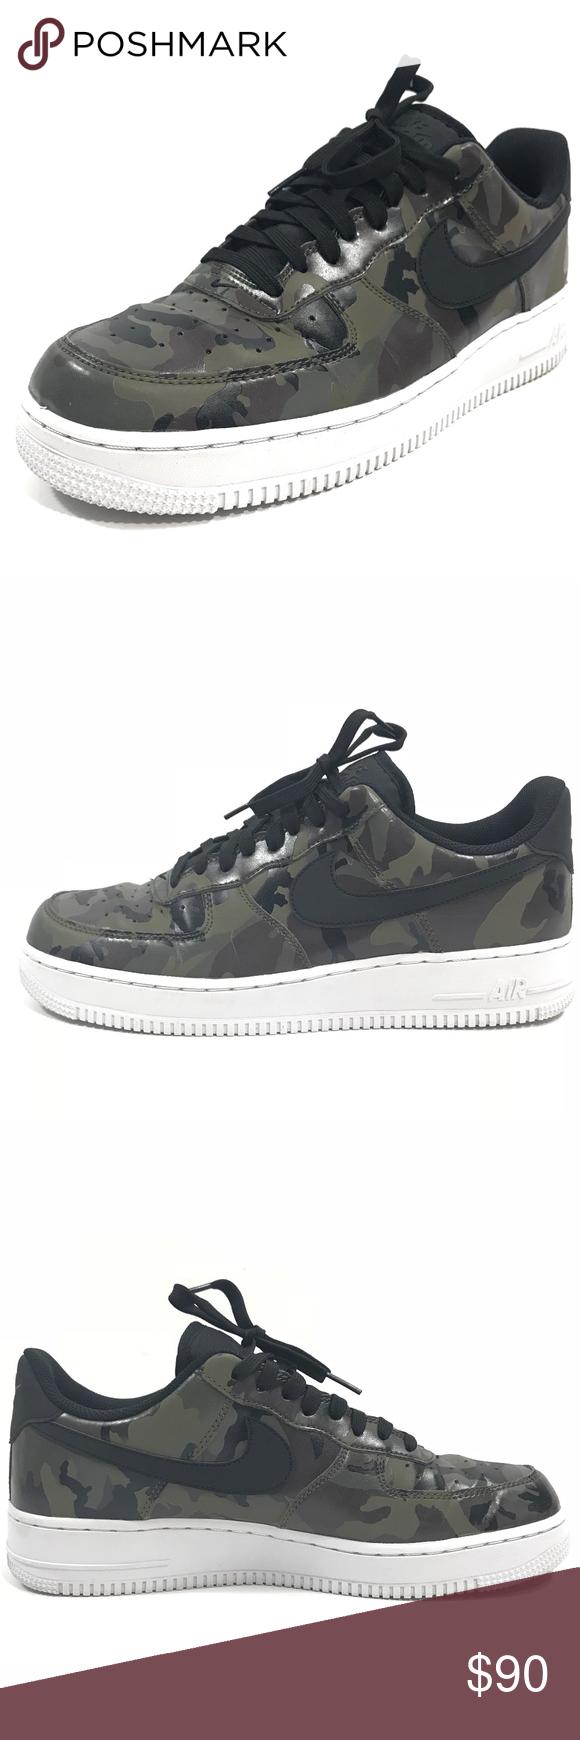 283453ef945c Nike Mens Air Force 1 07 LV8 Sneakers Camo Nike Mens Air Force 1 07 ...